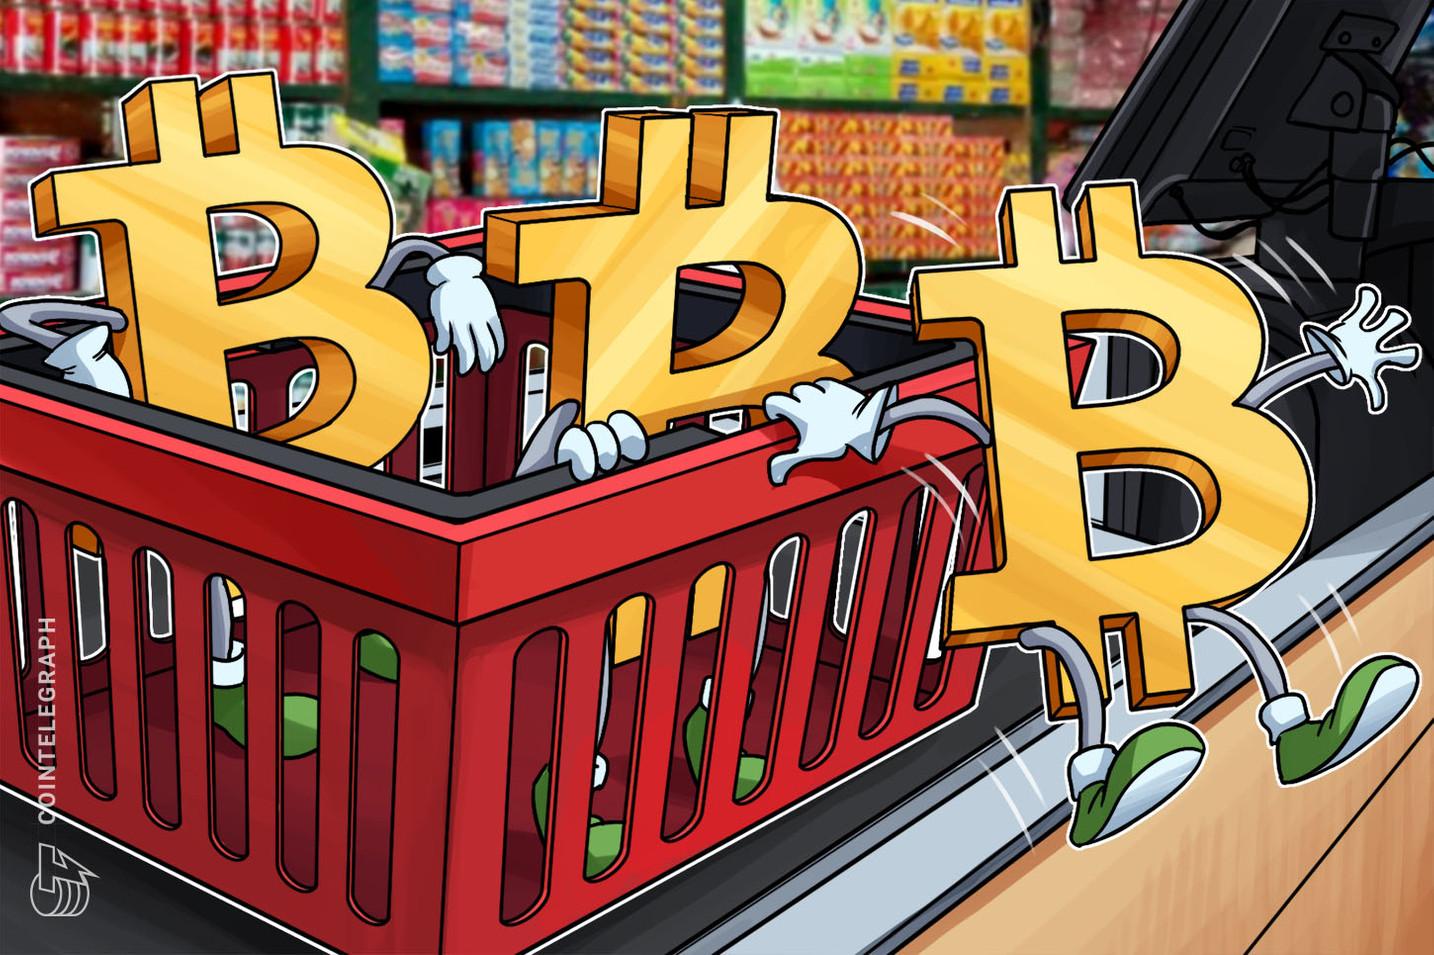 Domenica è il giorno migliore per acquistare Bitcoin, svelano i dati